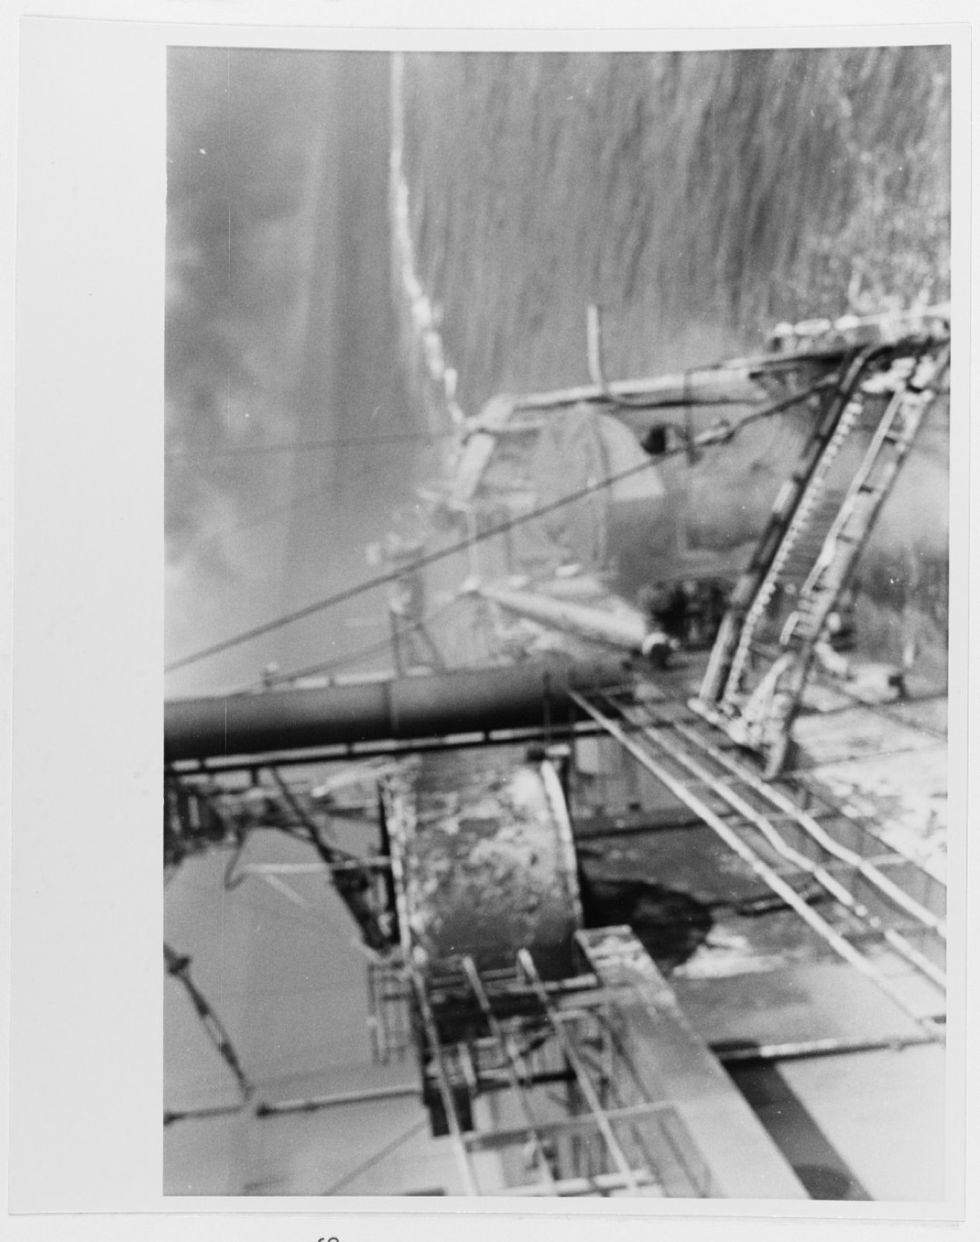 """Guerra dei Sei Giorni: la tragedia della USS """"Liberty"""""""